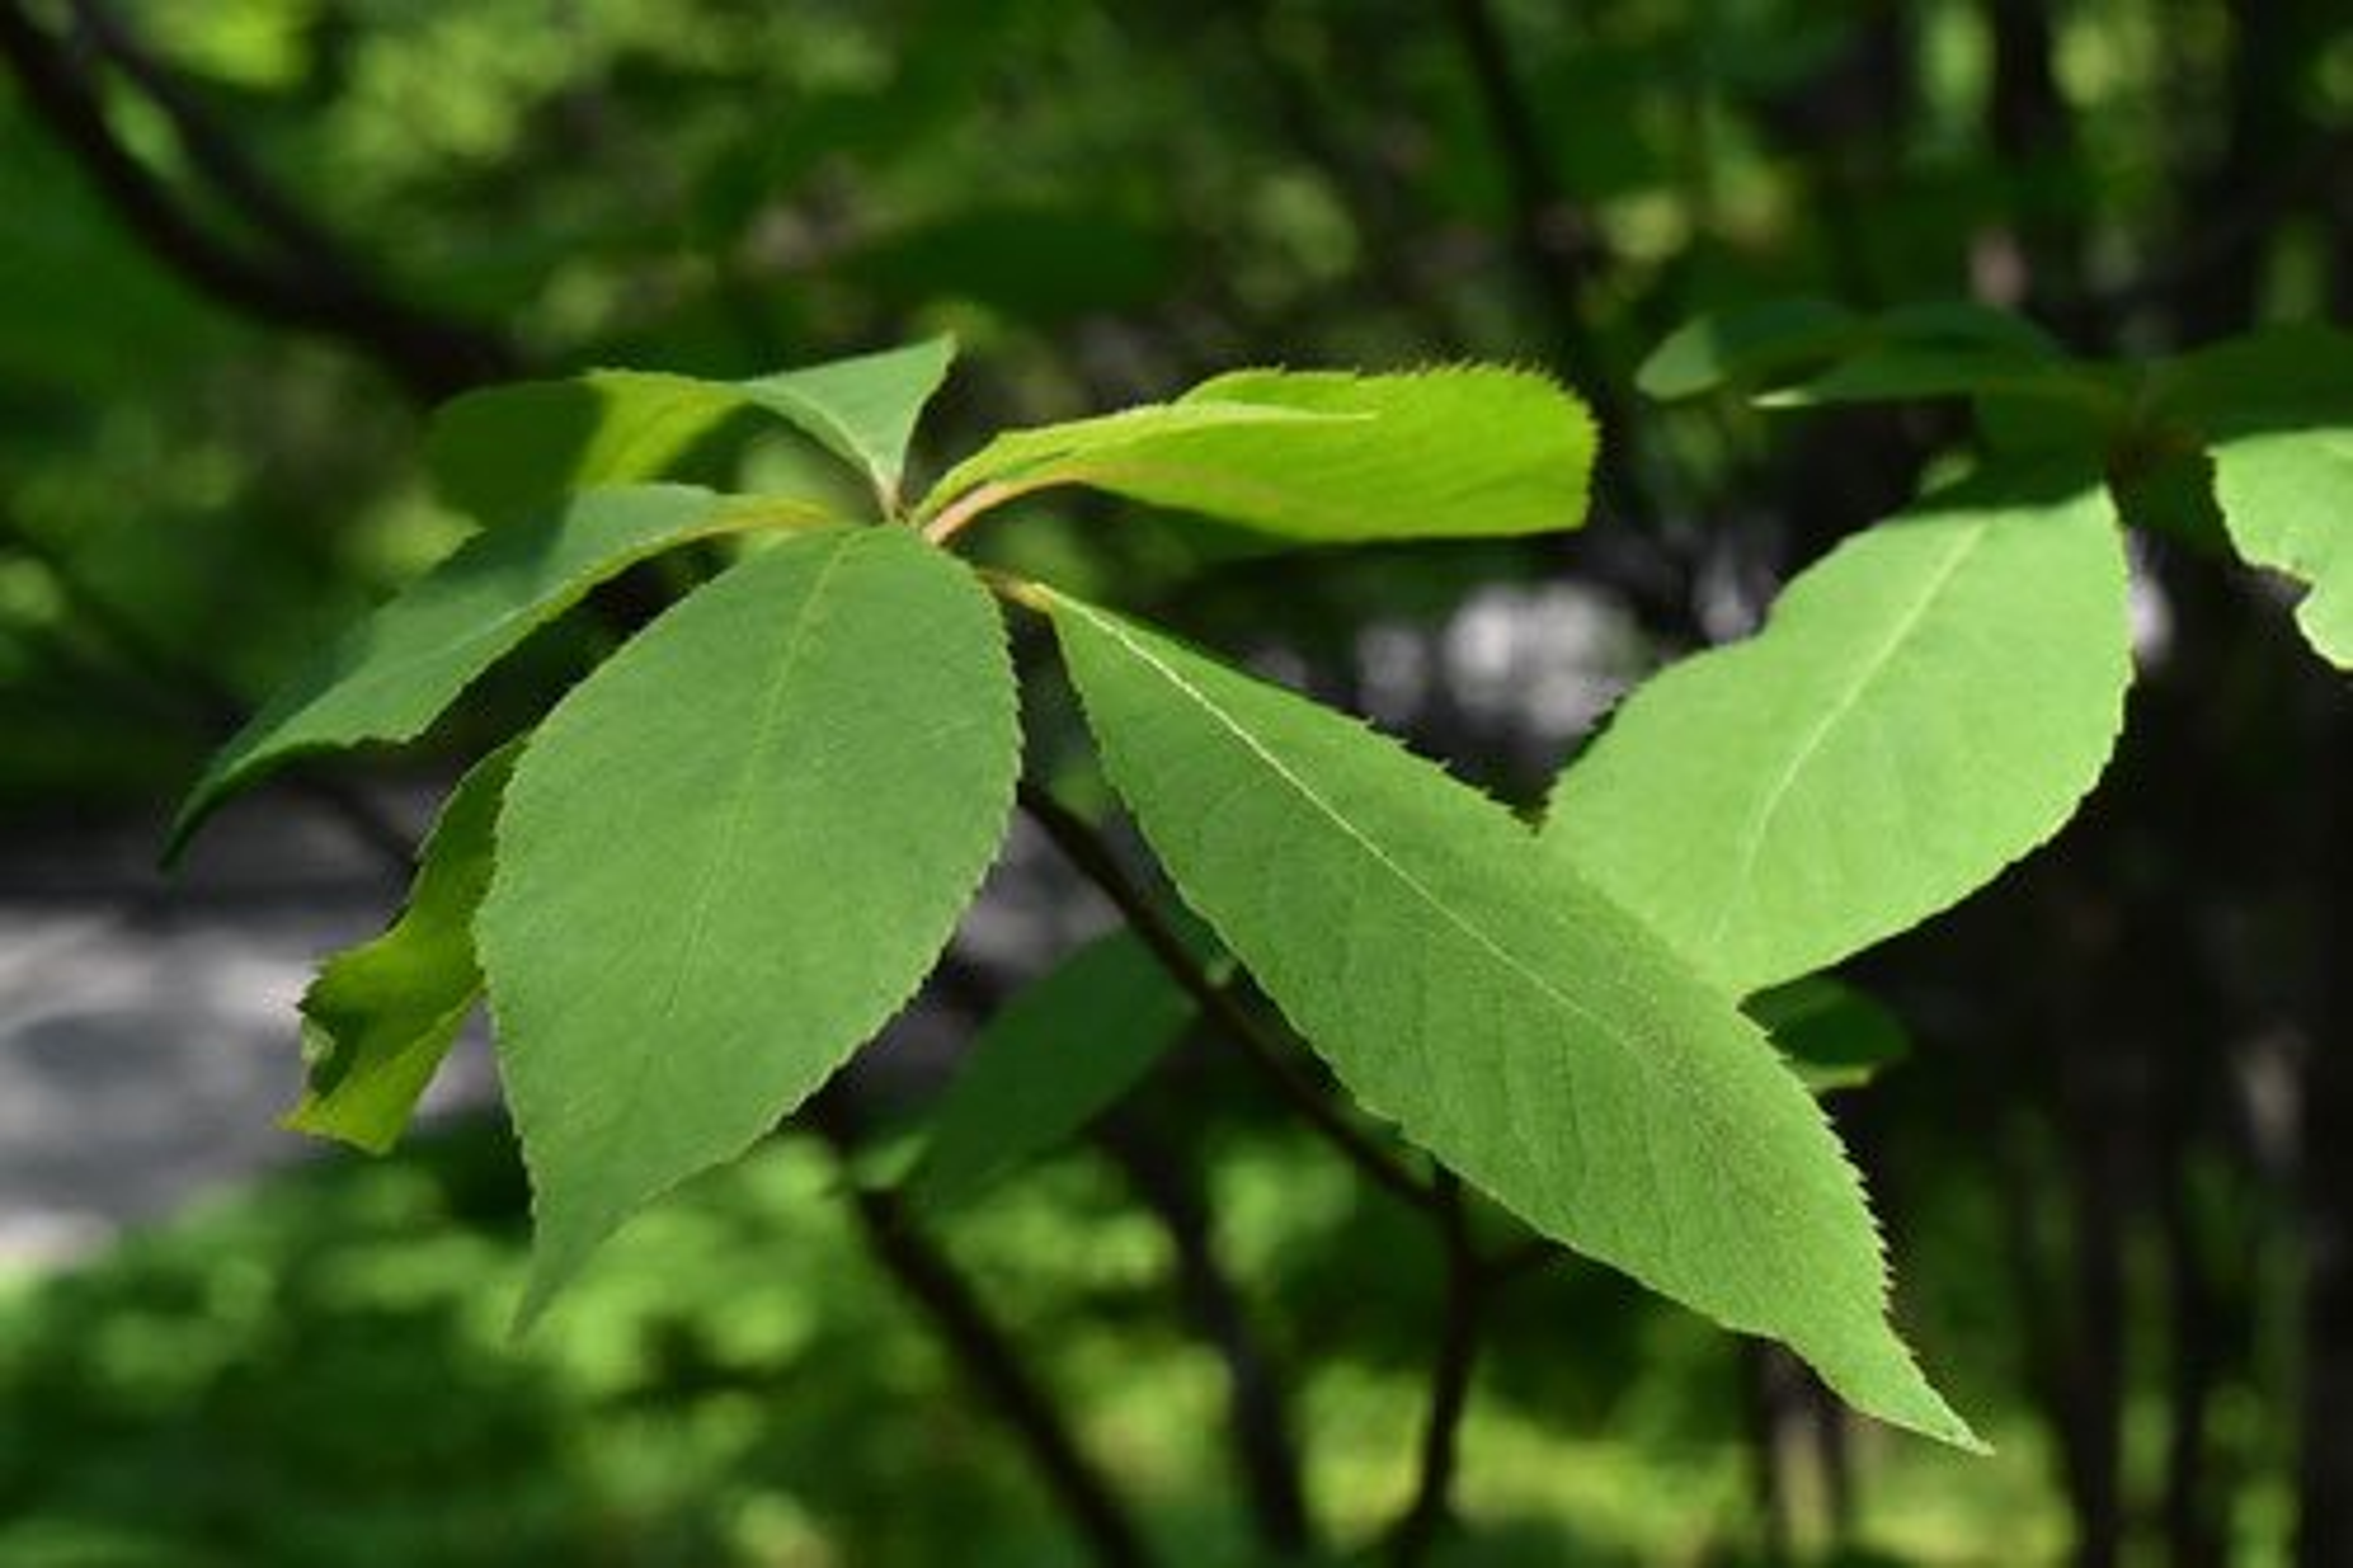 リョウブの葉っぱ 食べる